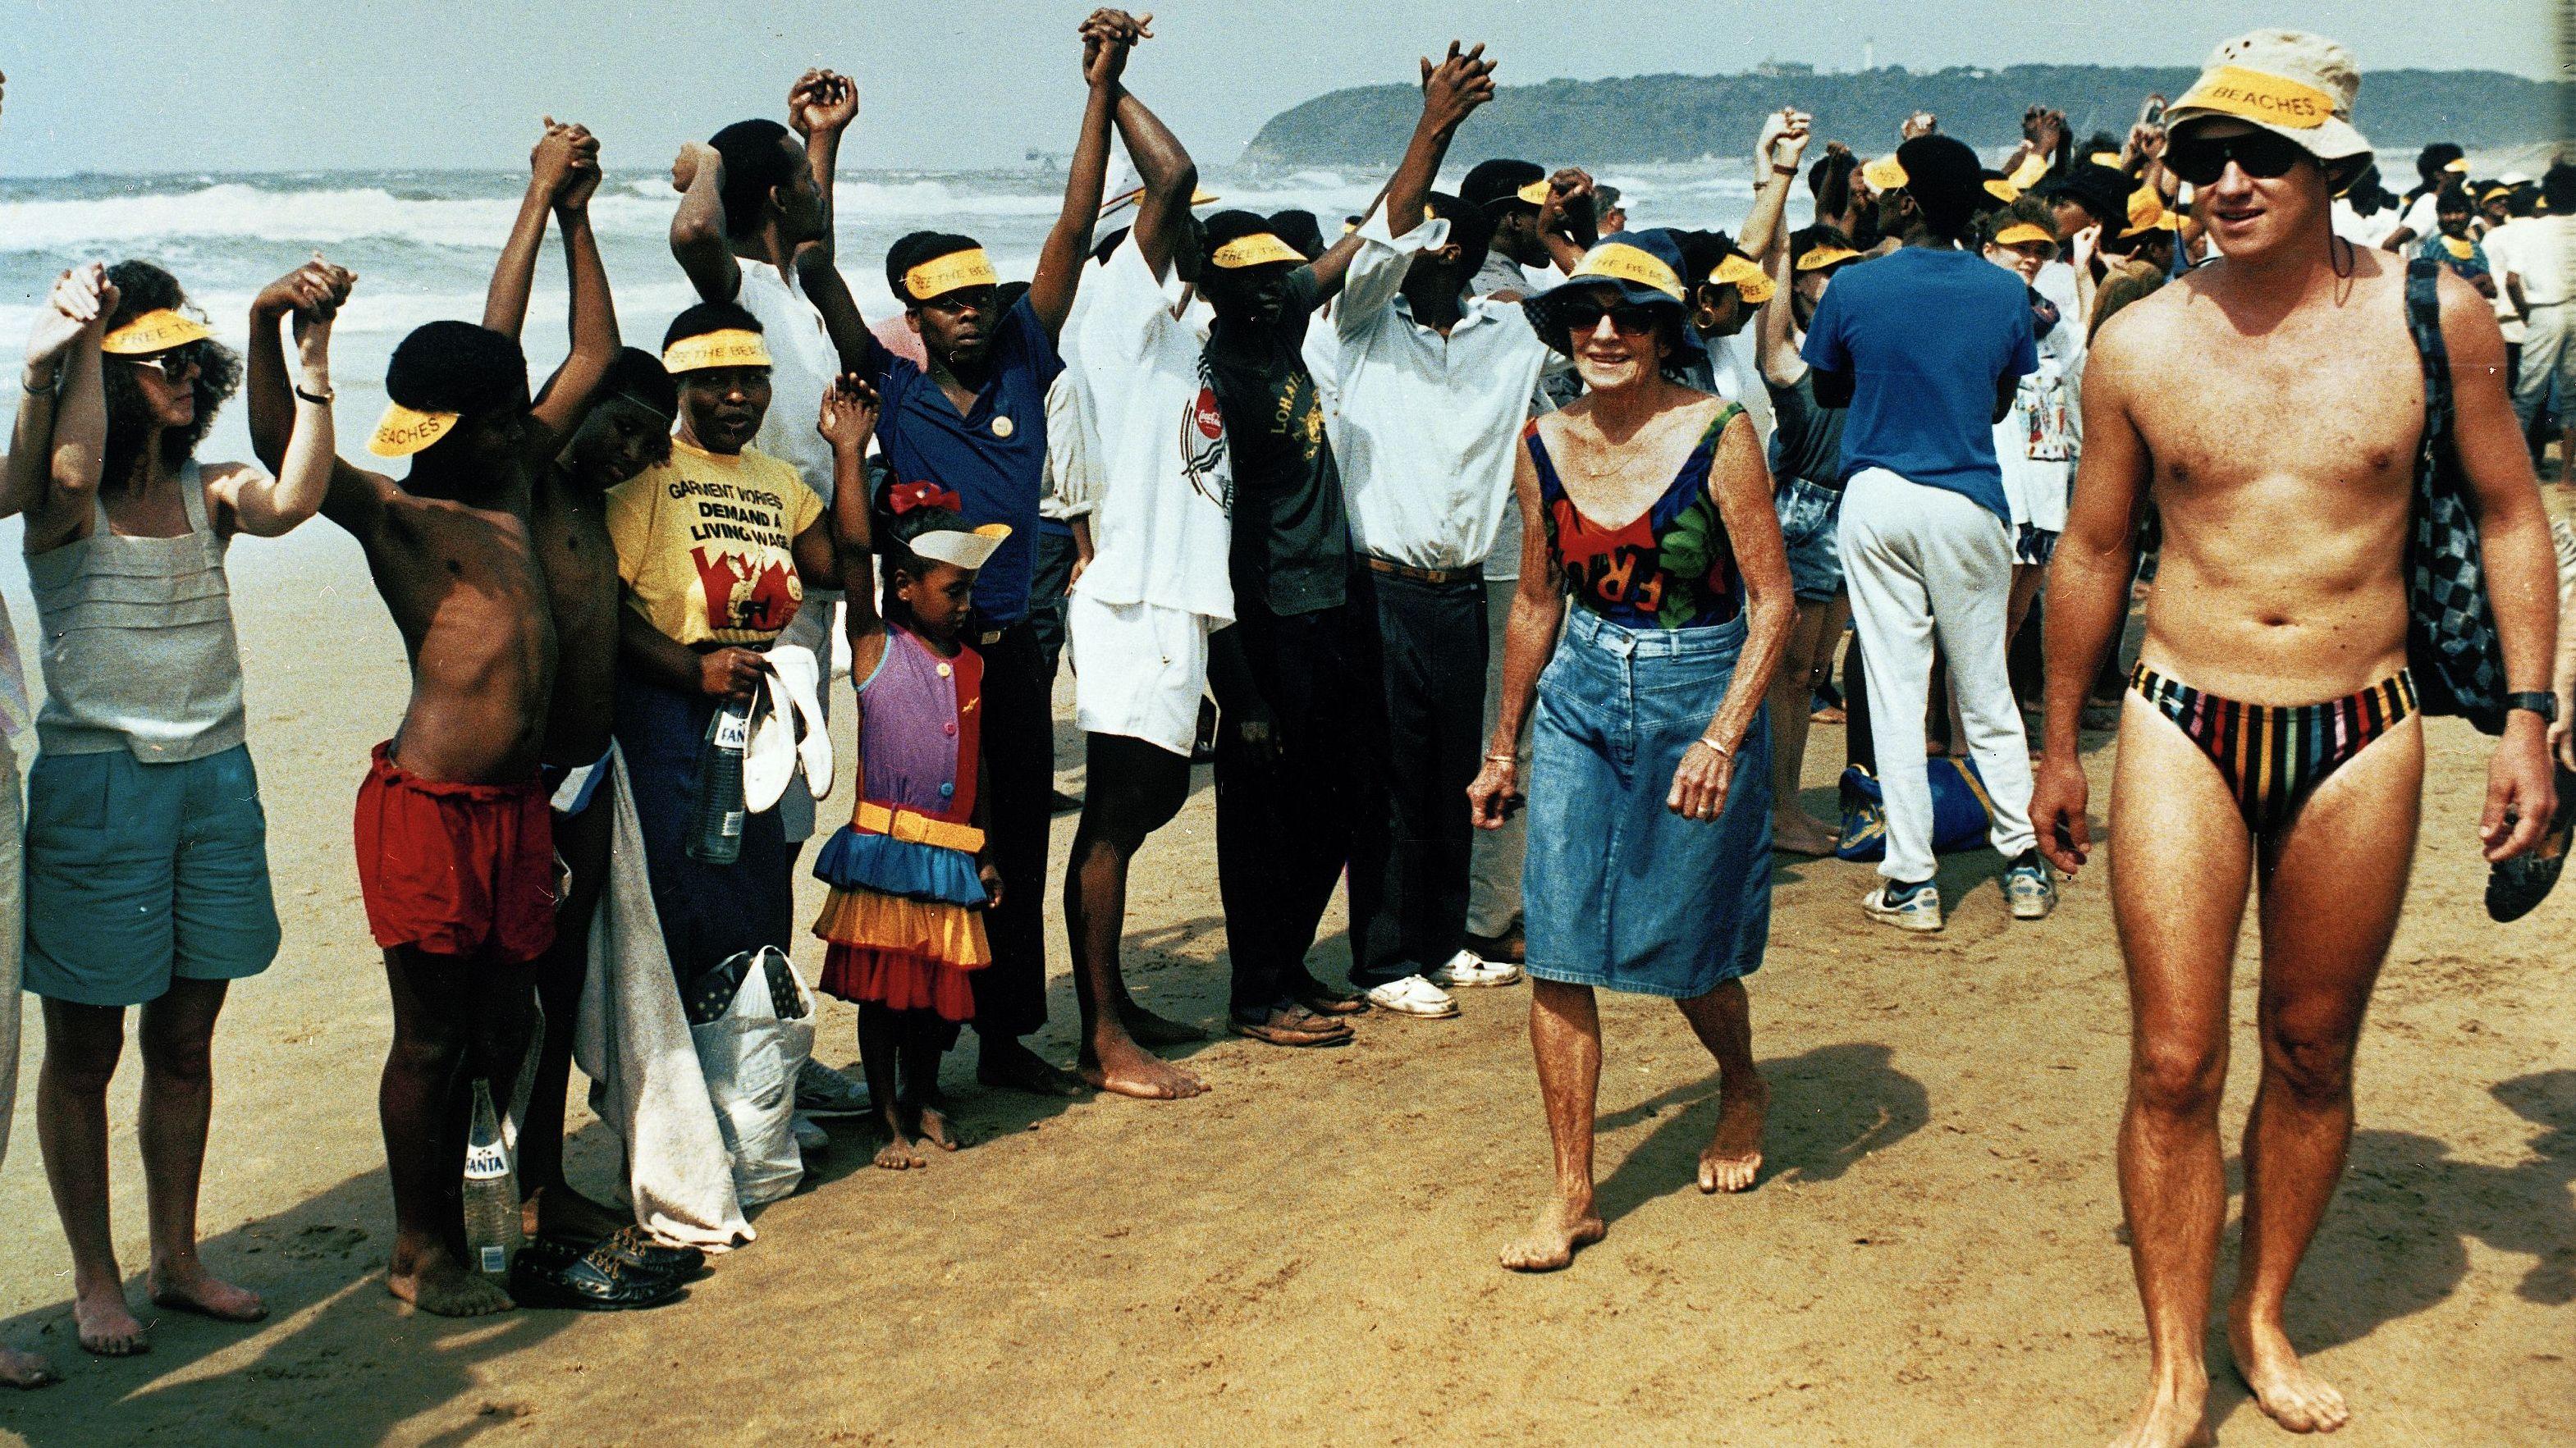 Südafrika: Schwarze demonstrieren an einem für Weiße reservierten Strand in Durban Beach.